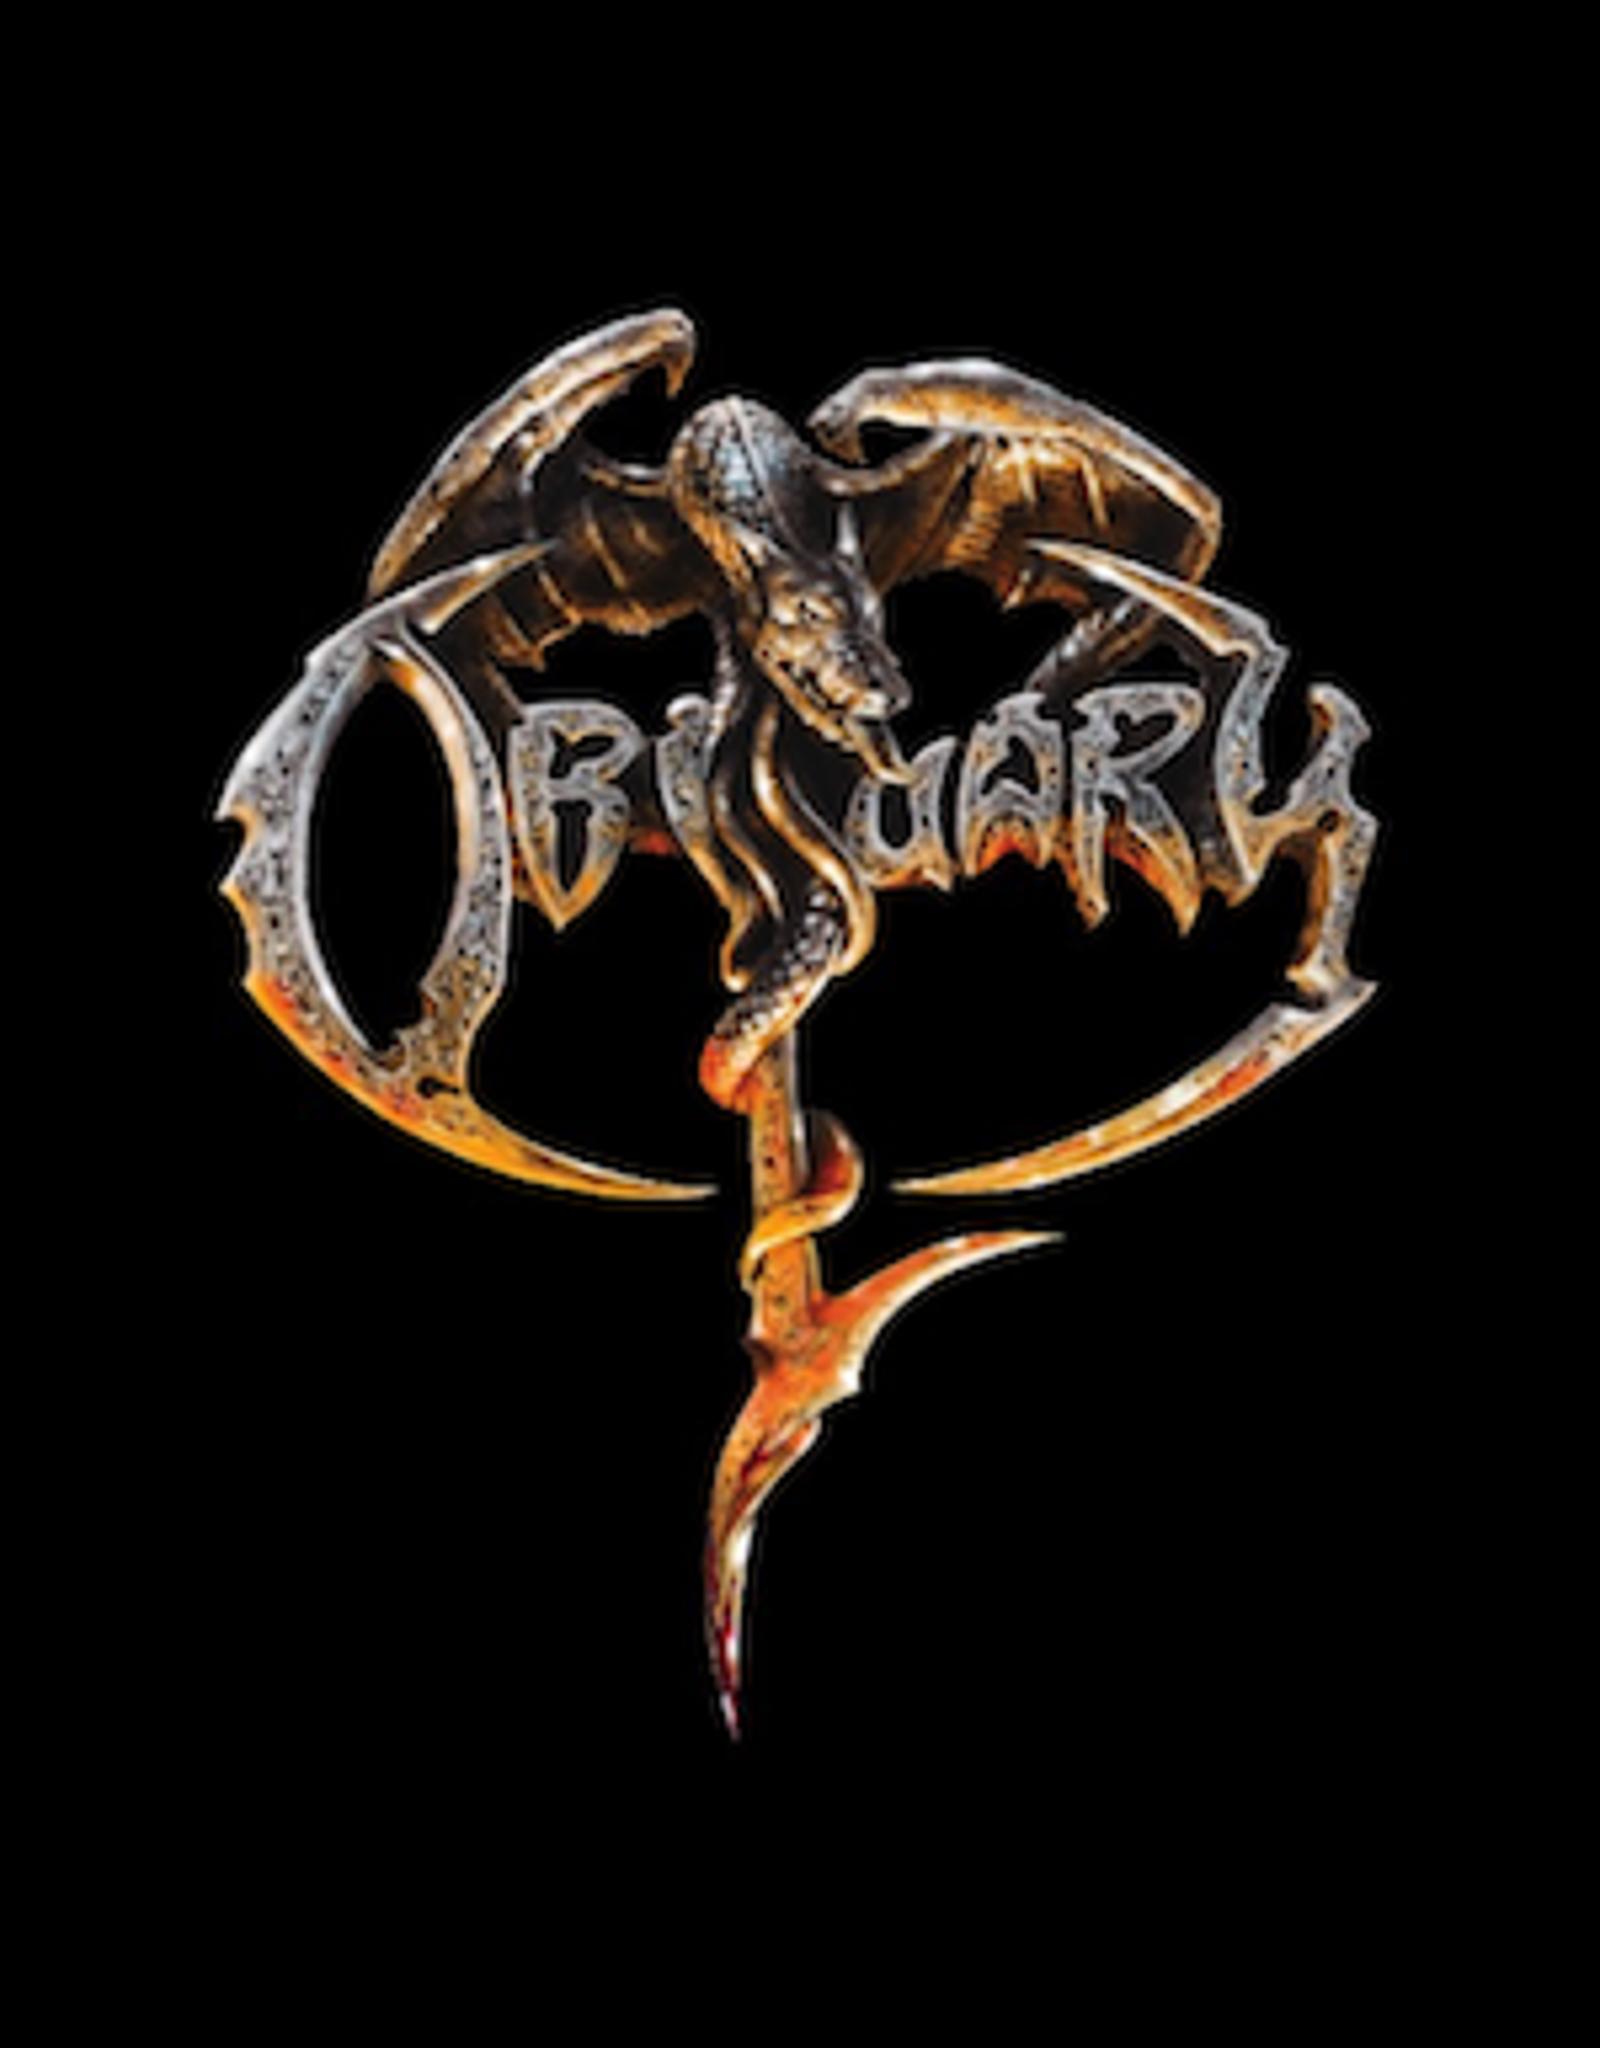 Obituary - Obituary LP (Ltd. Splatter Vinyl)